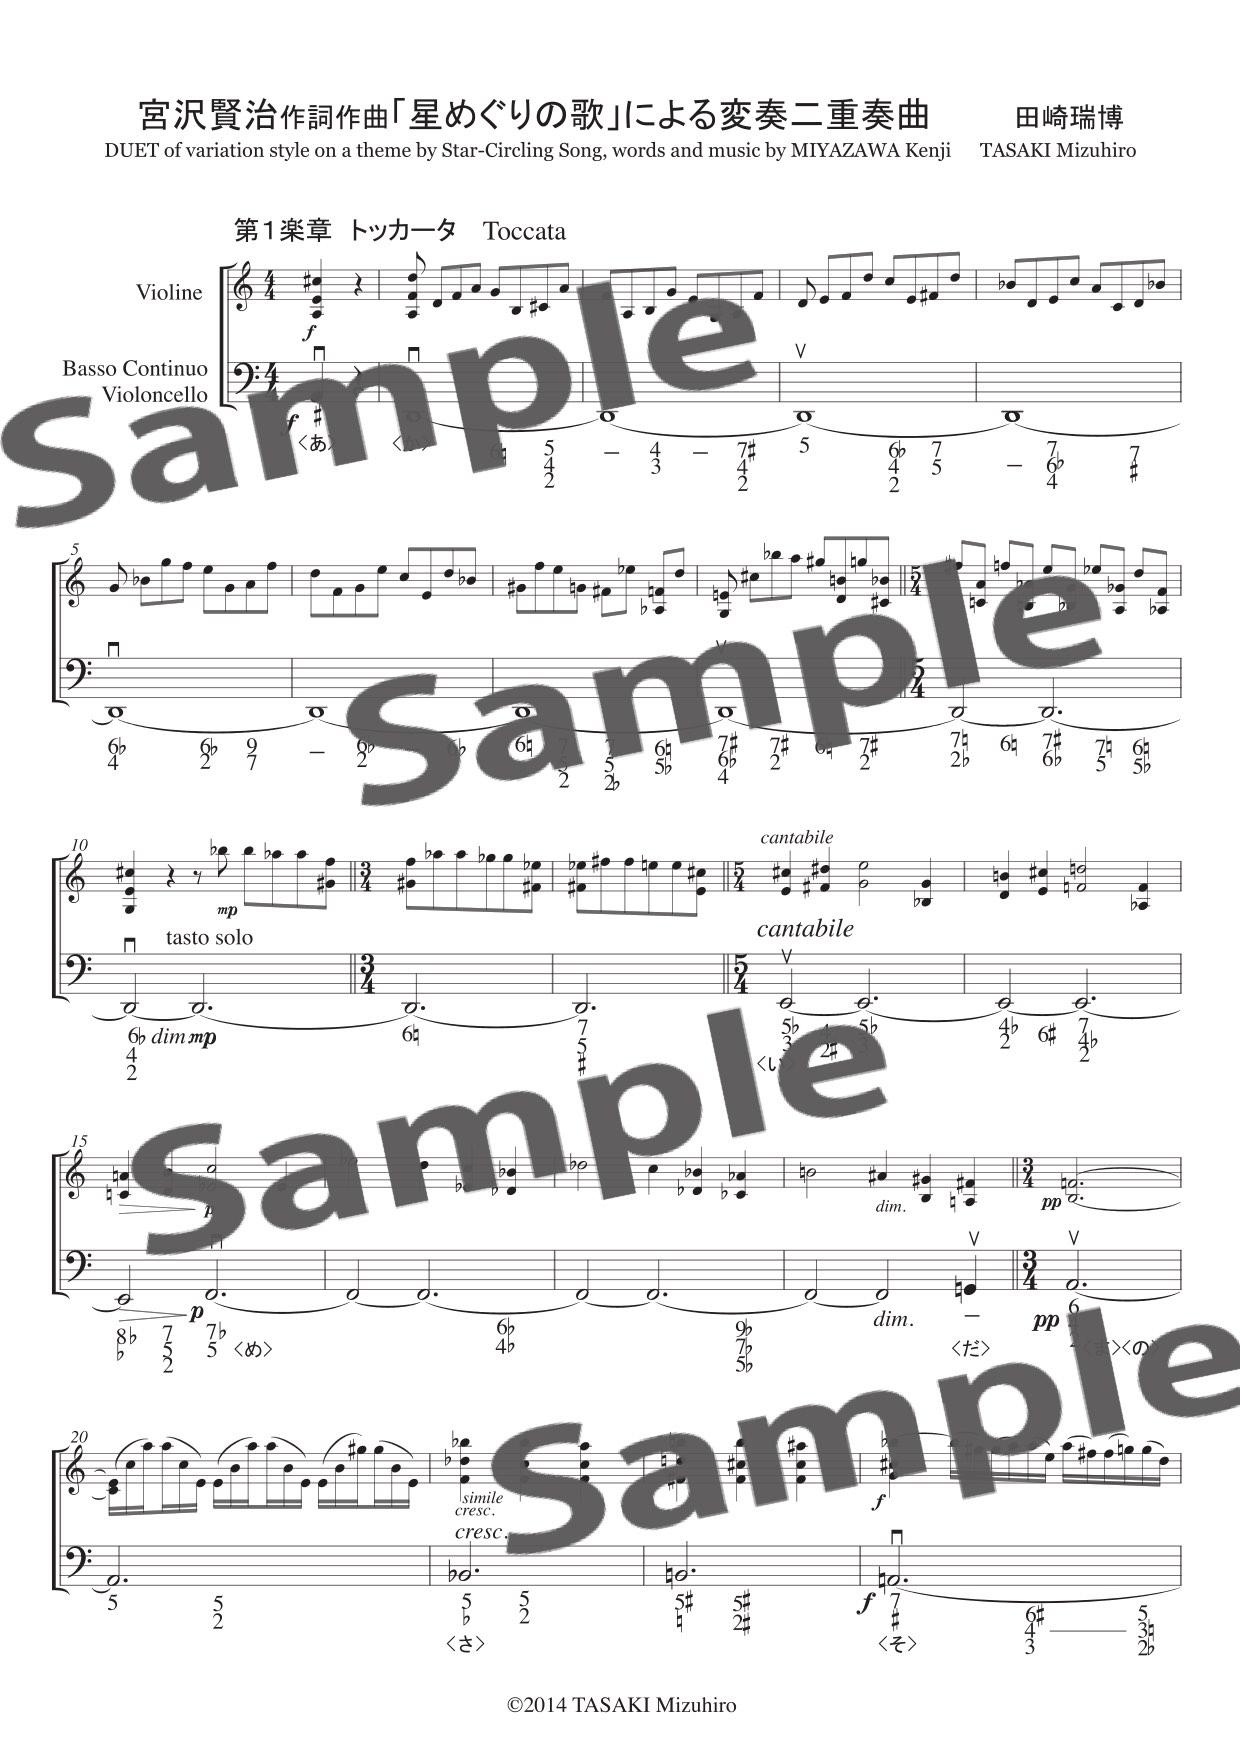 宮沢賢治作詞作曲「星めぐりの歌」による 変奏二重奏曲/スコアとパート譜